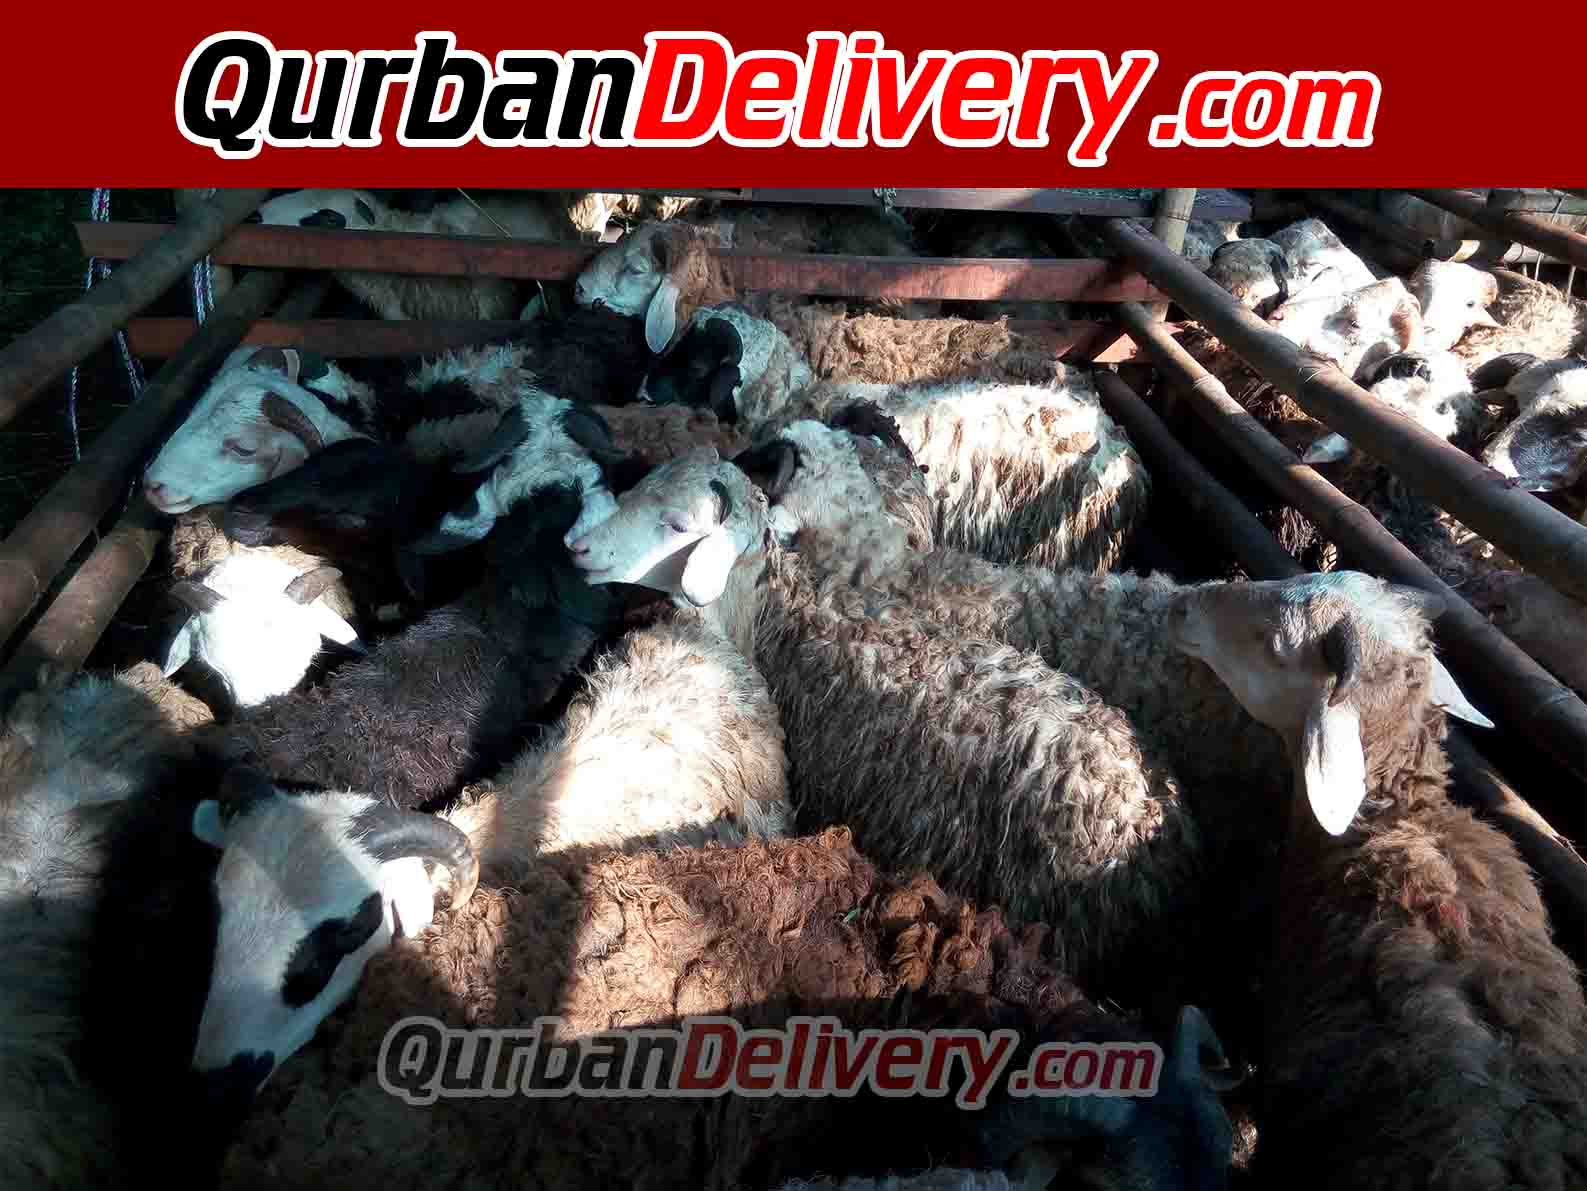 Rata Rata Harga Sapi Qurban 450 Kg Tahun 2020-Qurban Delivery